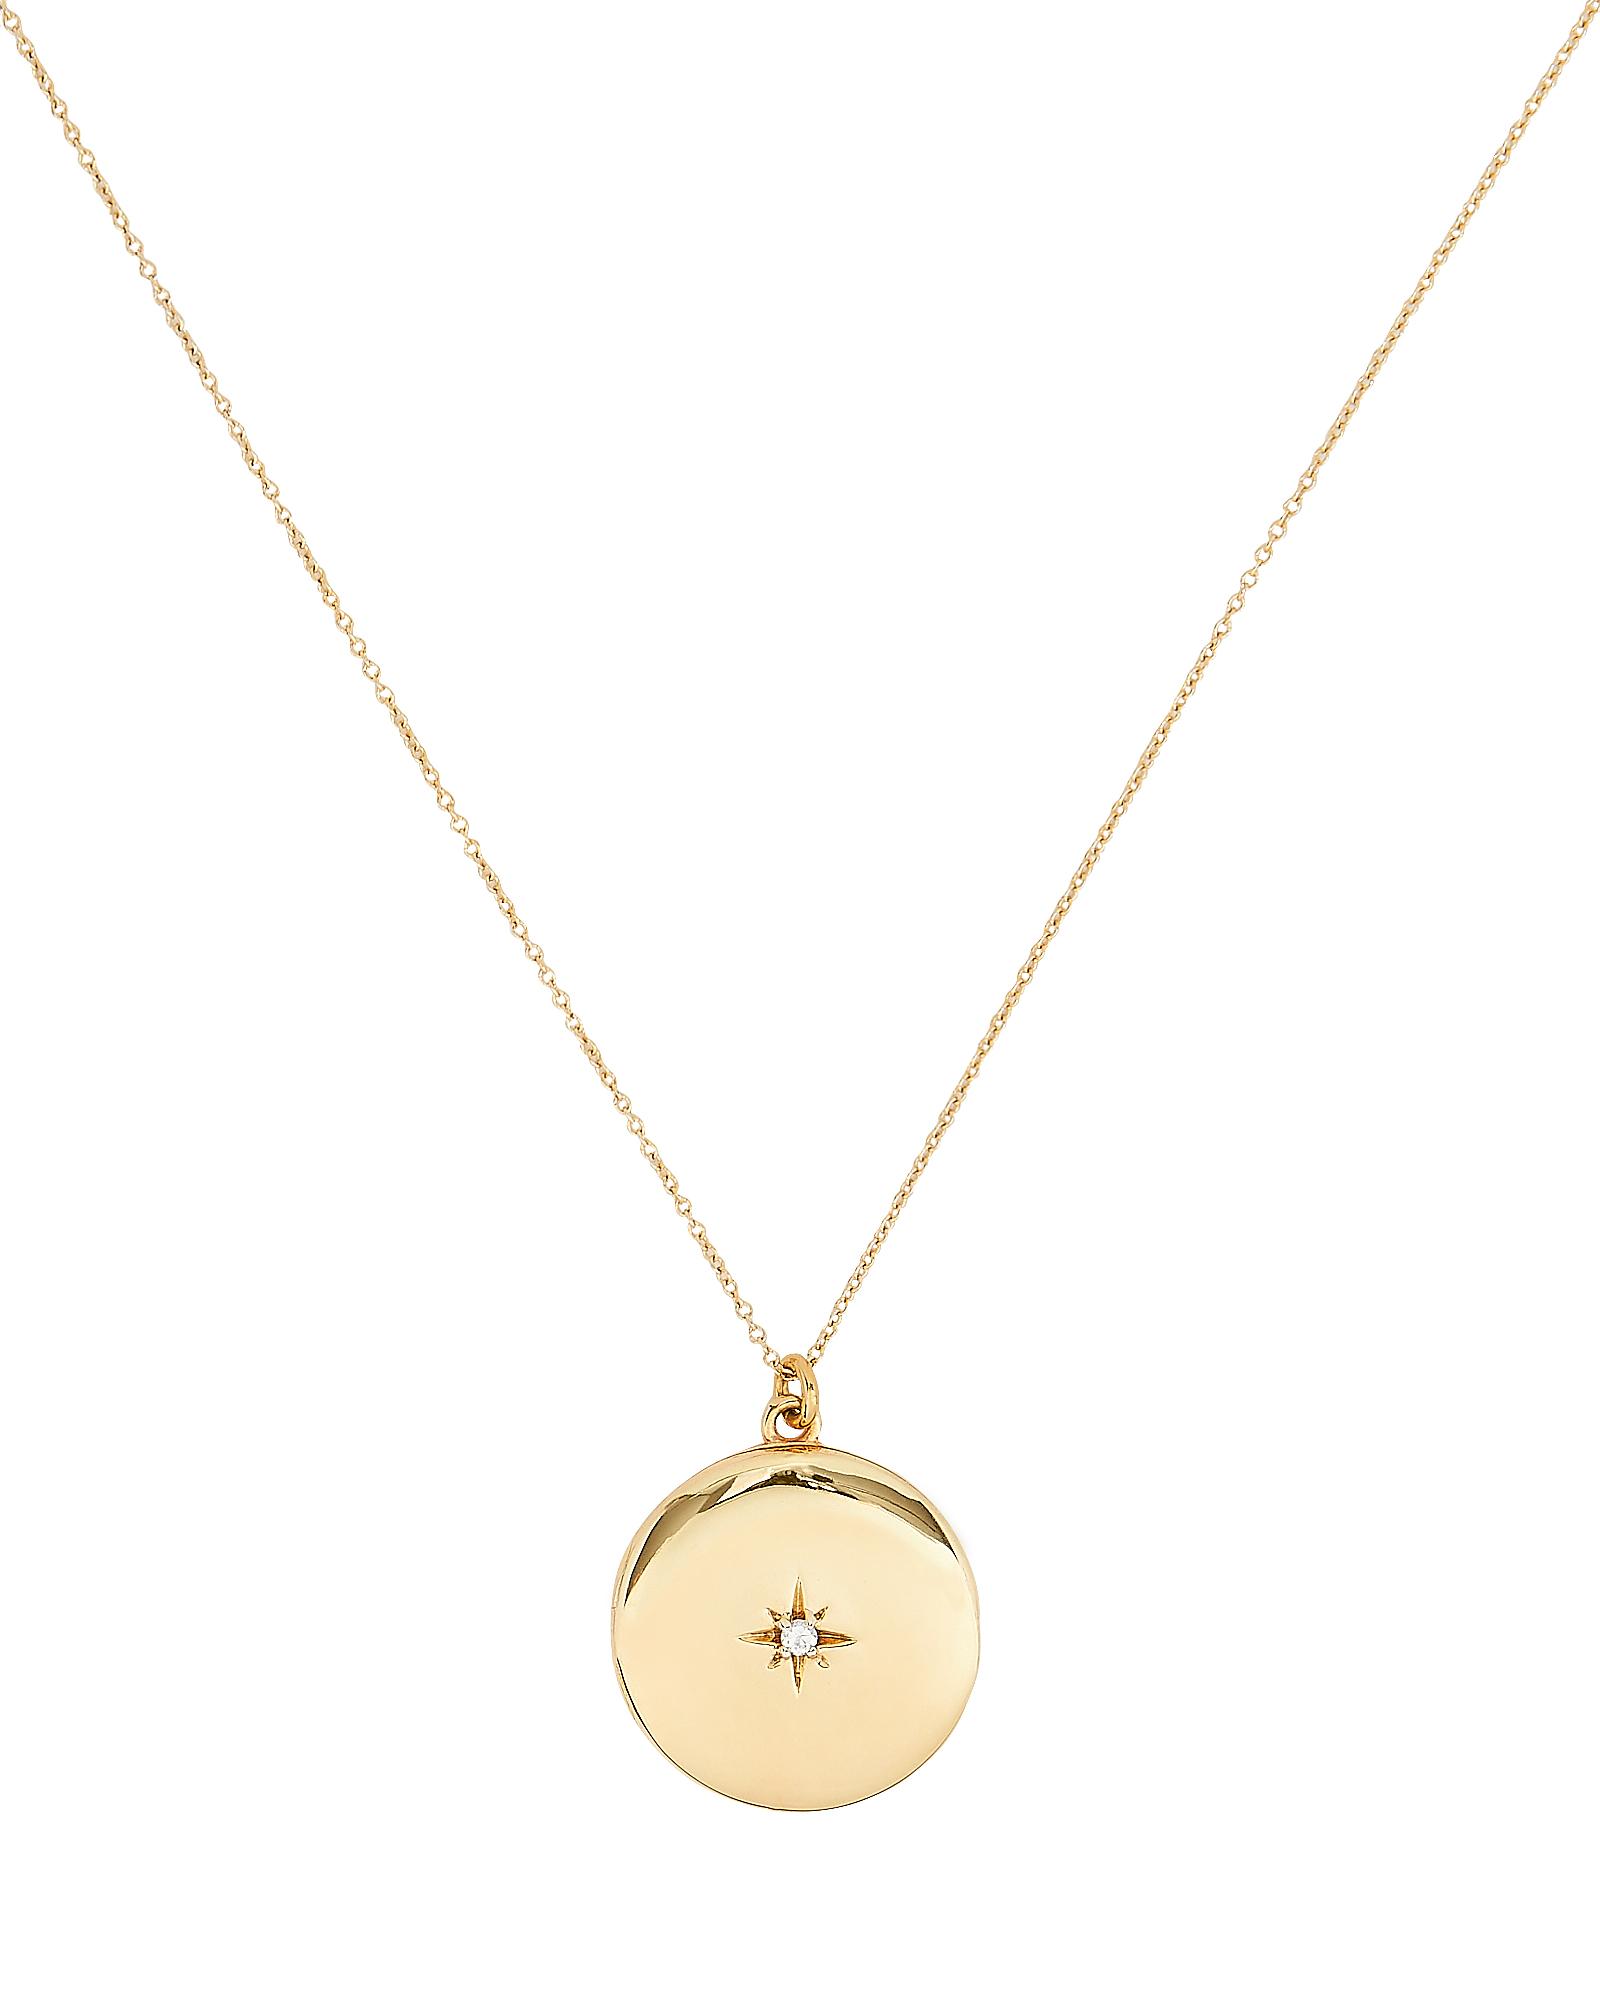 SASHA SAMUEL Maxine Round Locket Necklace